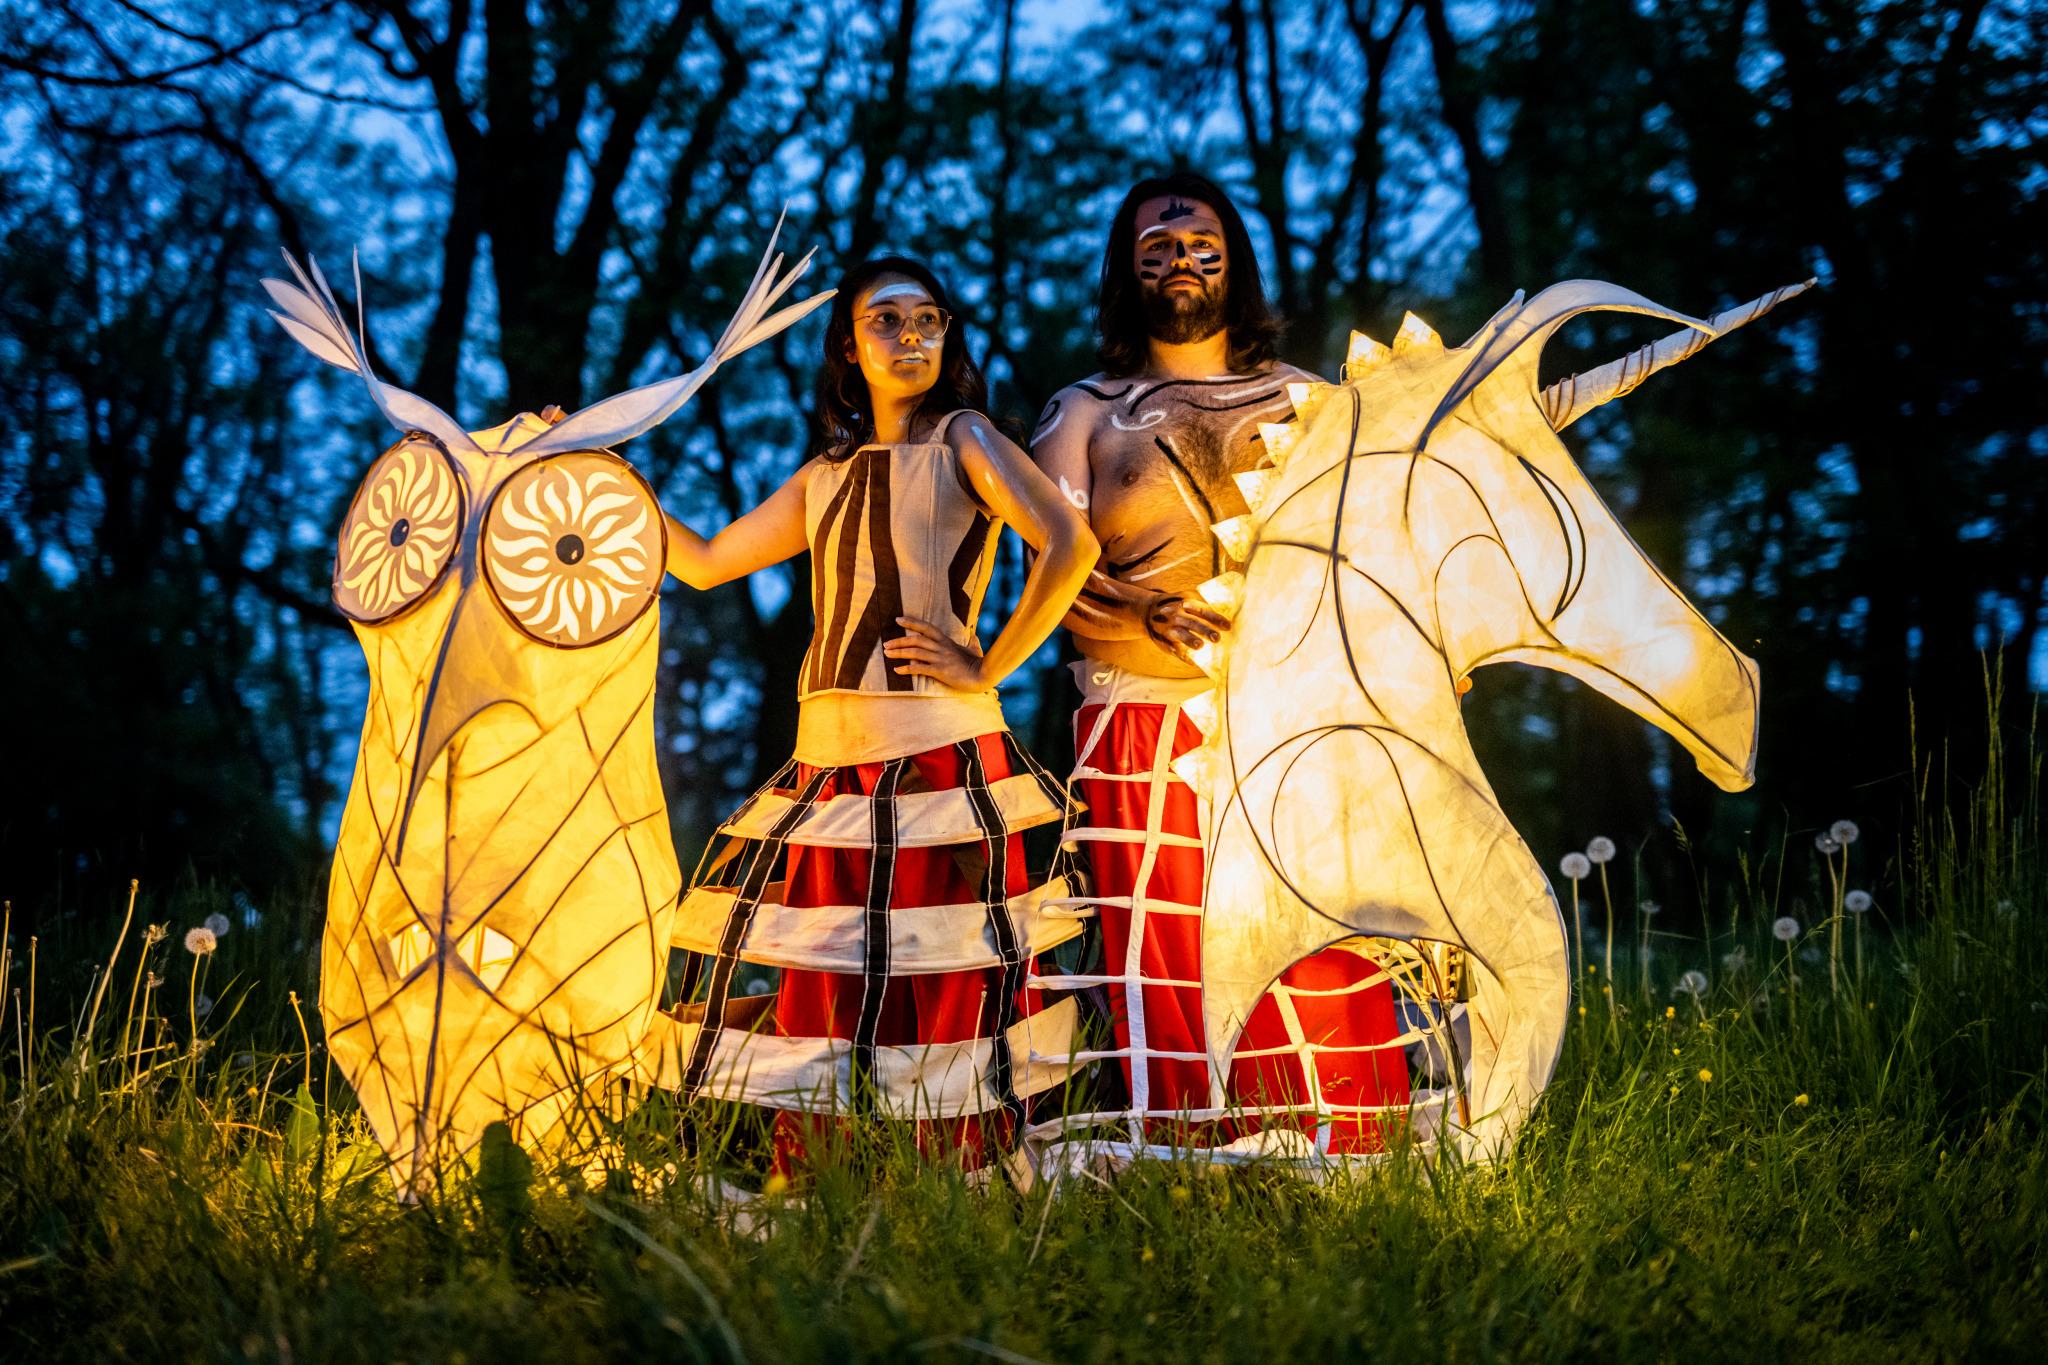 kobieta i mężczyzna trzymają lampiony teatralne w postaci sowy i jednorożca